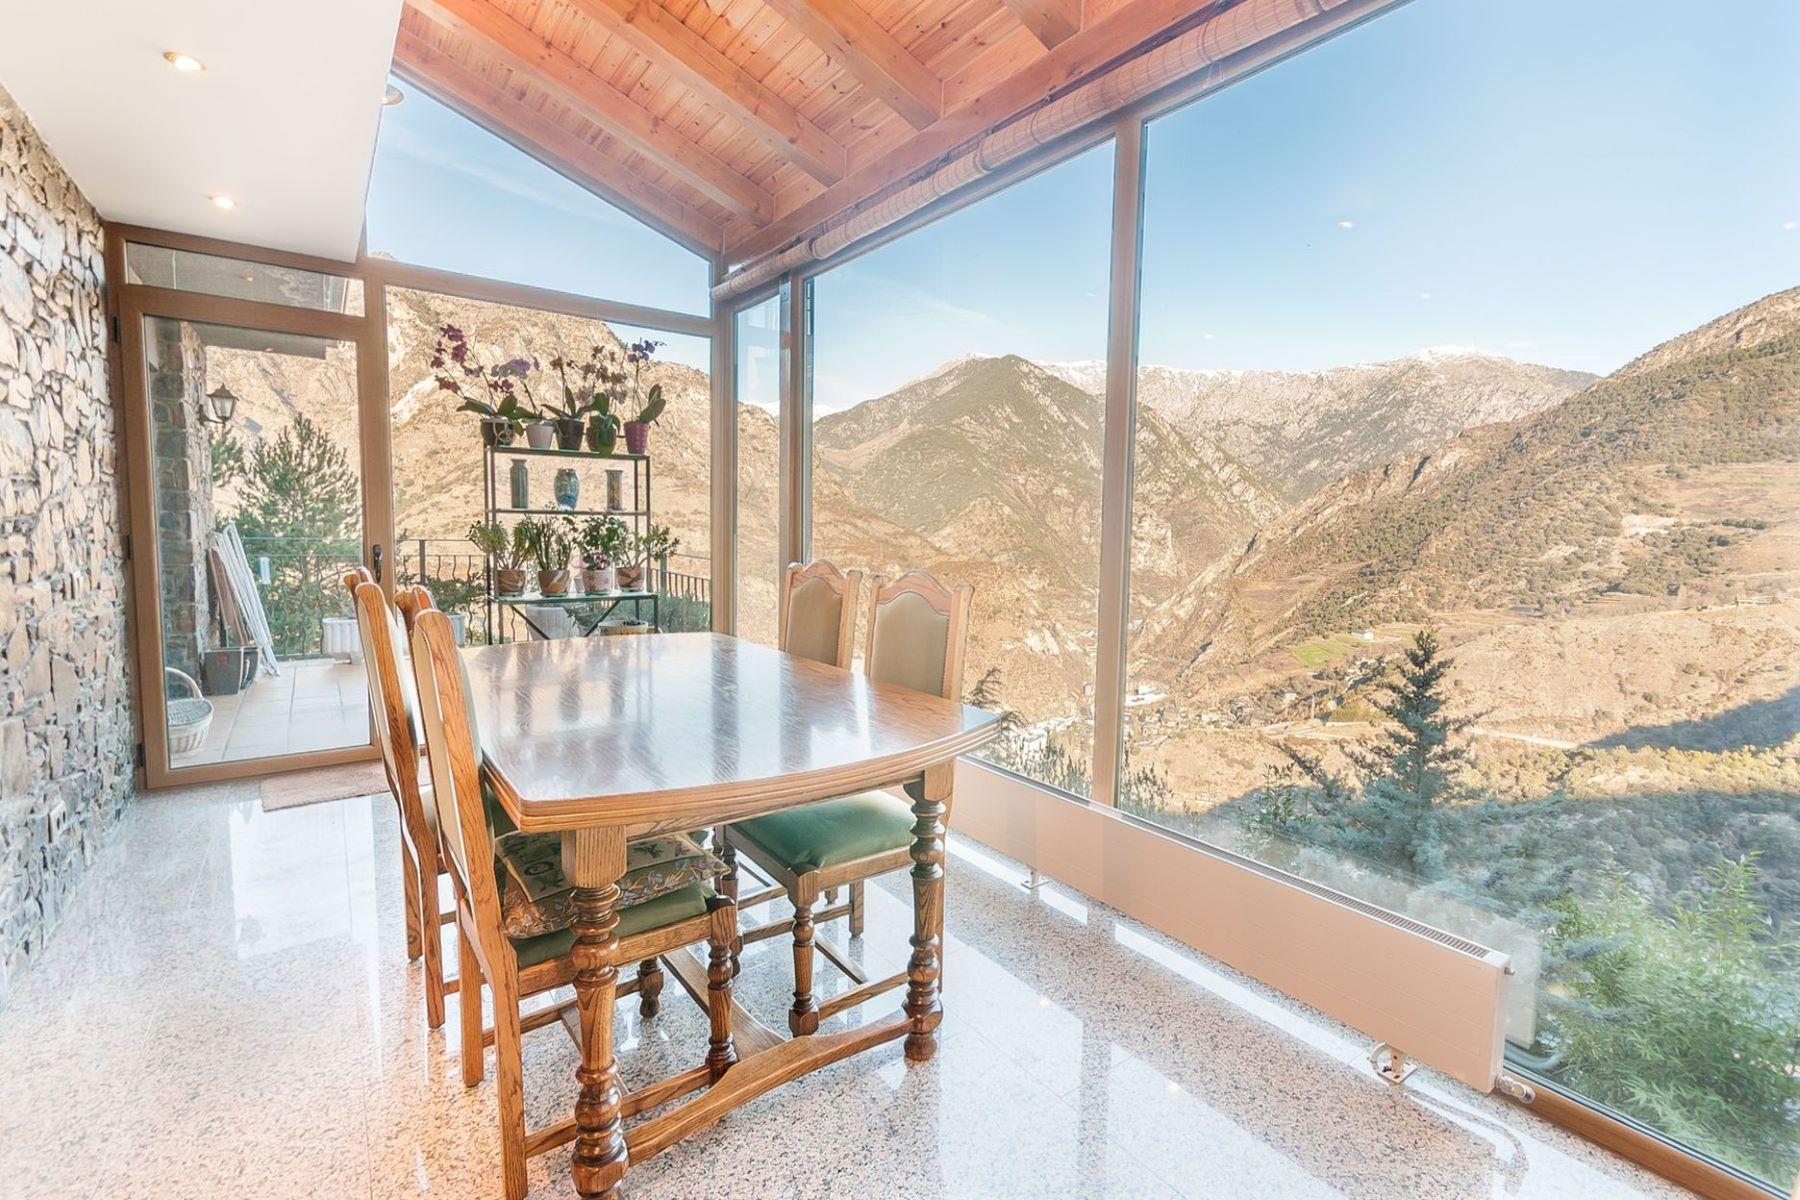 一戸建て のために 売買 アット Chalet-Tower for sale in Aixirivall Aixirivall, Sant Julia De Loria, AD600 Andorra